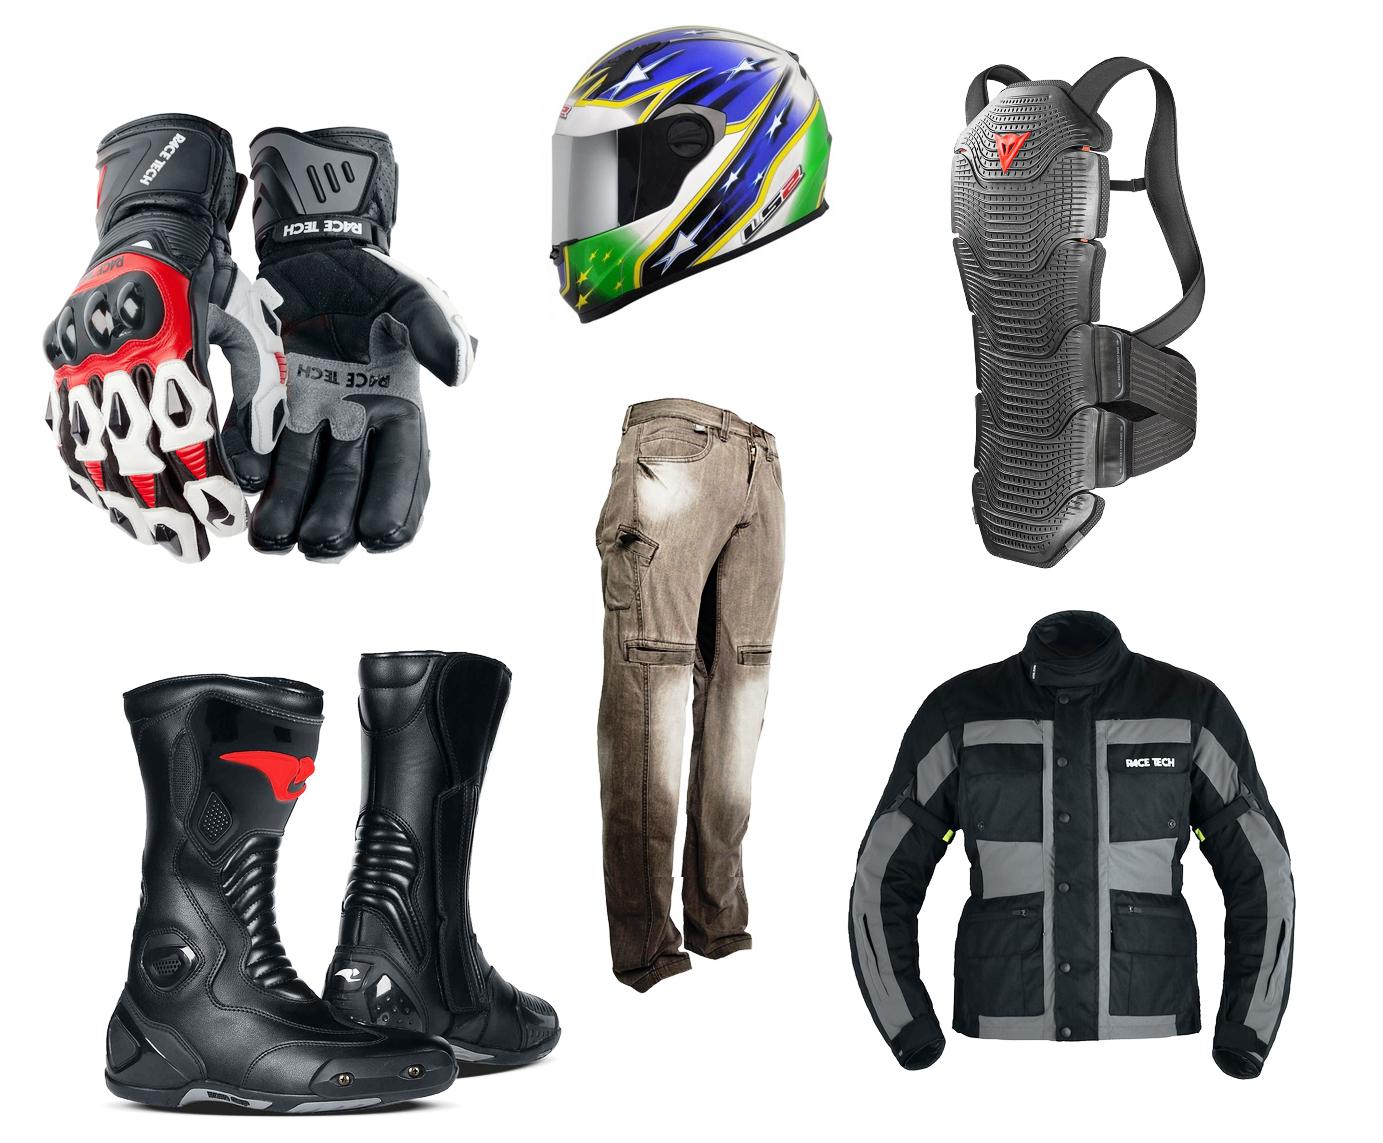 Luvas, capacete, protetor de coluna, botas, calça com proteções e jaqueta  7c40e78c88